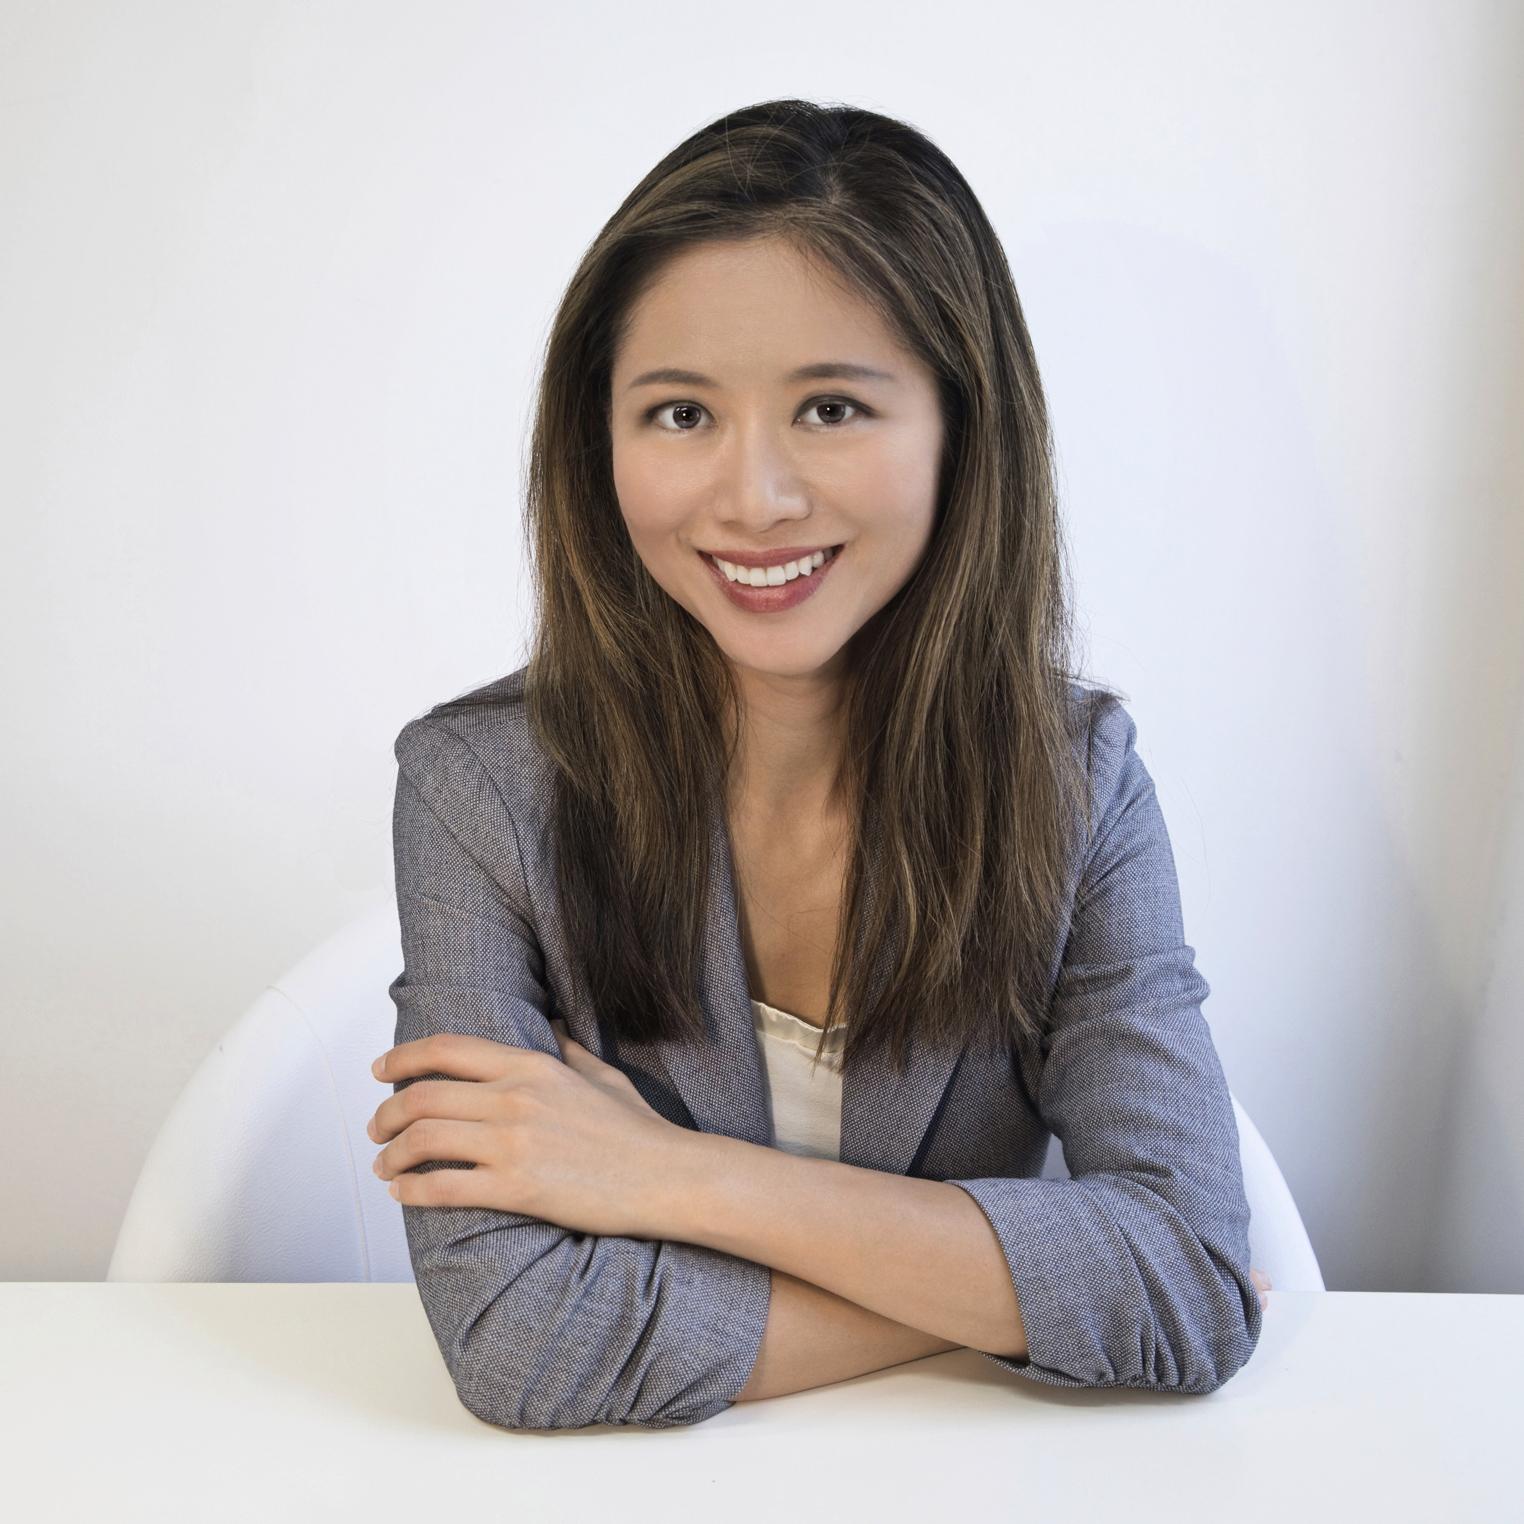 Amy Hsiao